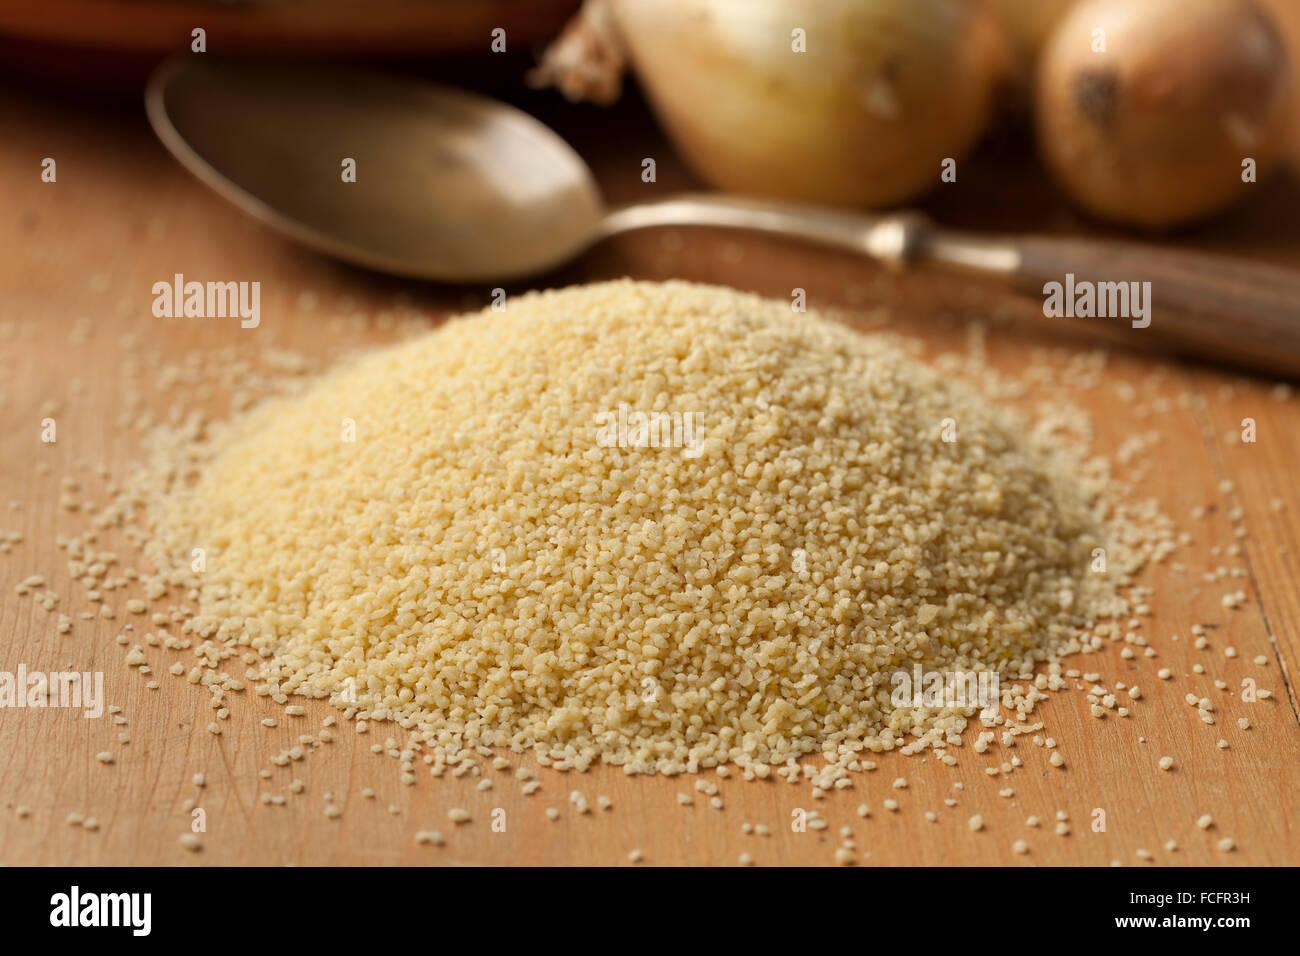 Los granos de cuscús cruda, comida popular en los países del Norte de África Imagen De Stock